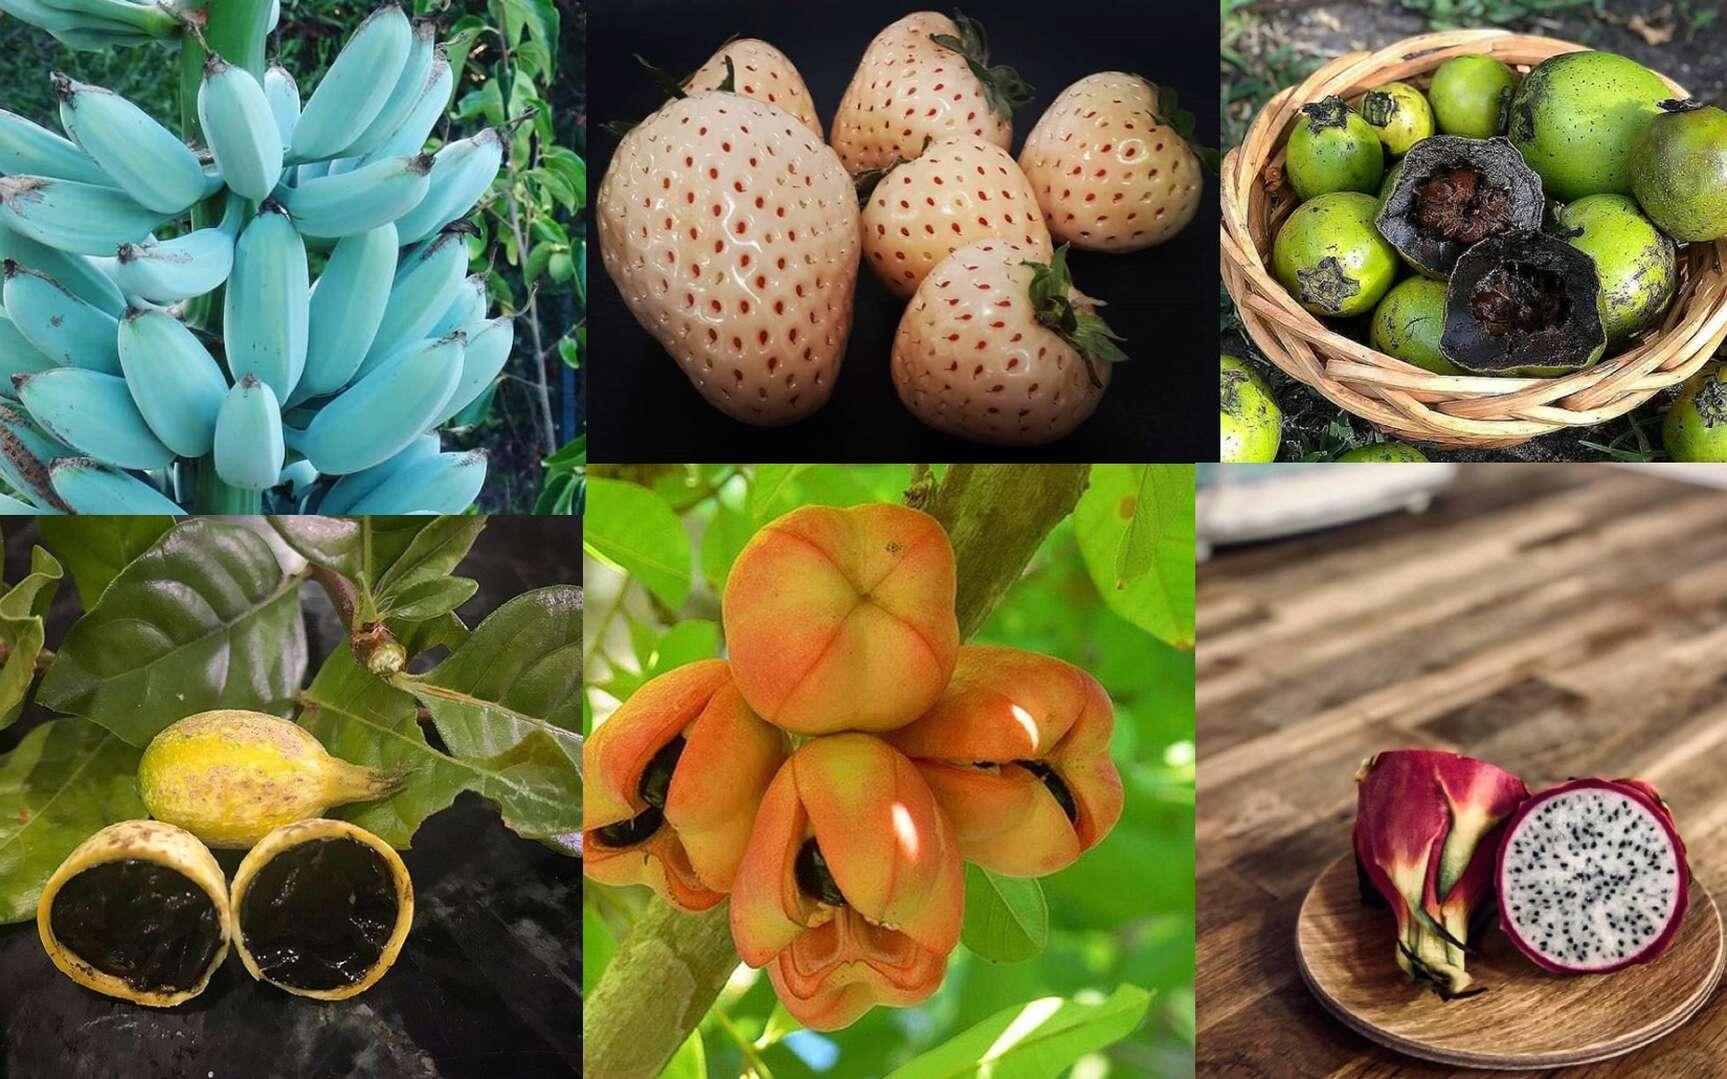 Un fruit au goût de chocolat ou de glace à la vanille, c'est possible ! © Instagram